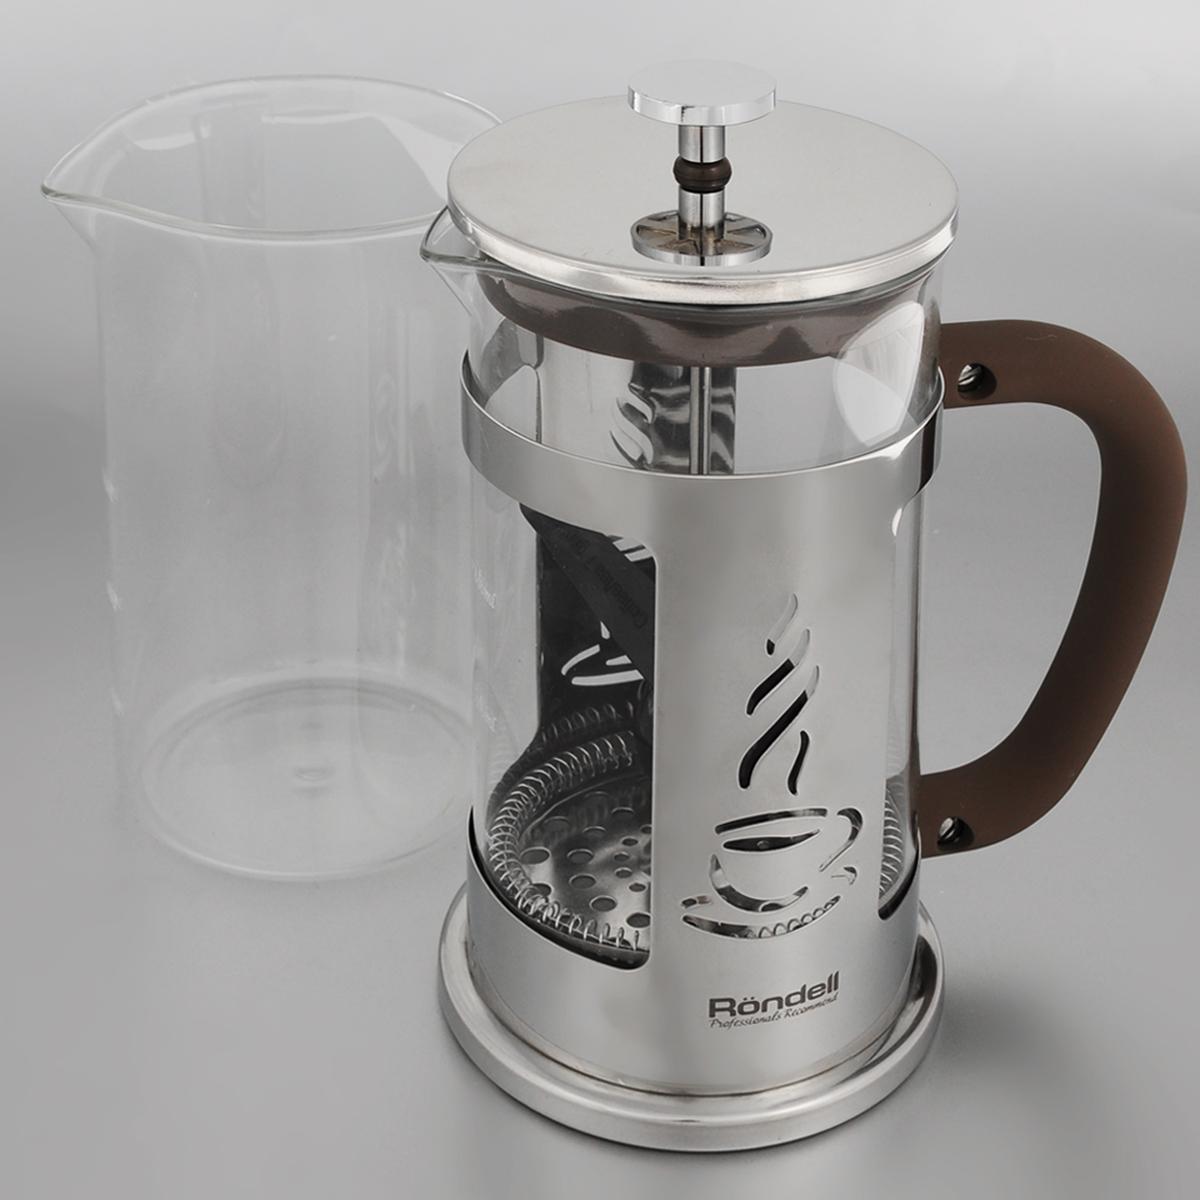 Френч-пресс Rondell Mocco&Latte, с мерной ложкой, со сменной колбой, 1 лVT-1520(SR)Френч-пресс Rondell Mocco&Latte изготовлен из высококачественной нержавеющей стали, жаропрочного стекла и пластика. Жаропрочное стекло может выдерживать температуру до 180°С.Засыпая чайную заварку или кофе под фильтр, заливая горячей водой, вы получаете ароматный напиток с оптимальной крепостью и насыщенностью. Остановить процесс заваривания легко, для этого нужно просто опустить поршень, и все уйдет вниз, оставляя вверху напиток, готовый к употреблению. Френч-пресс Rondell Mocco&Latte позволит быстро и просто приготовить свежий и ароматный кофе или чай.В комплект входит сменная колба и мерная ложка.Диаметр френч-пресса по верхнему краю (без учета крышки): 10 см. Высота френч-пресса: 24 см. Длина ложки: 10 см.Диаметр рабочей поверхности ложки: 4,5 см.